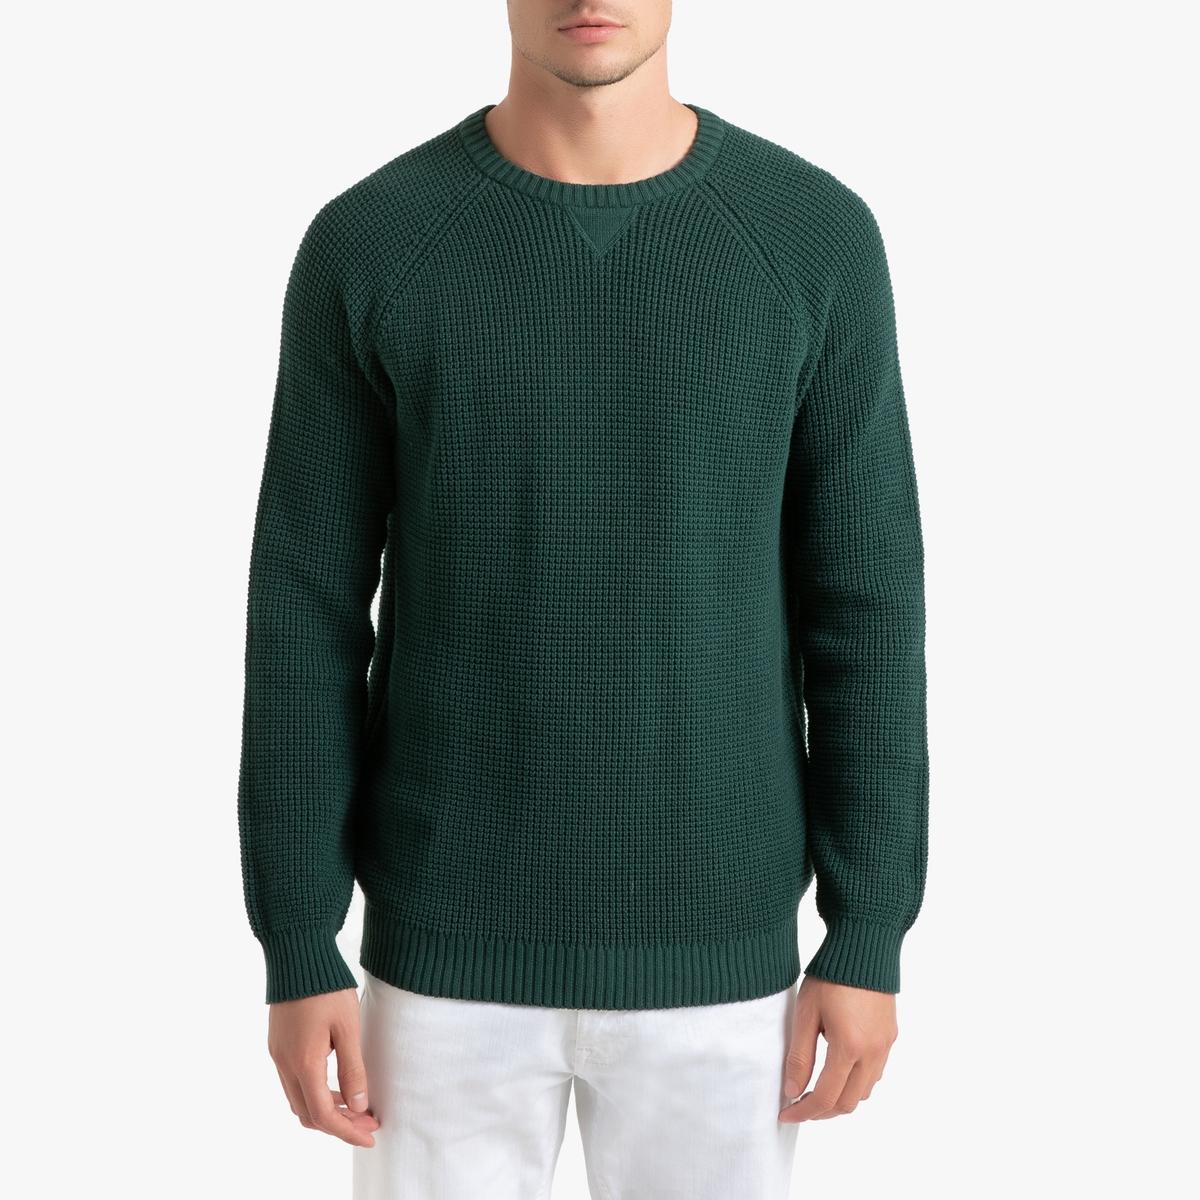 Пуловер La Redoute С круглым вырезом из плотного трикотажа S зеленый пуловер la redoute с круглым вырезом из плотного трикотажа 3xl бежевый